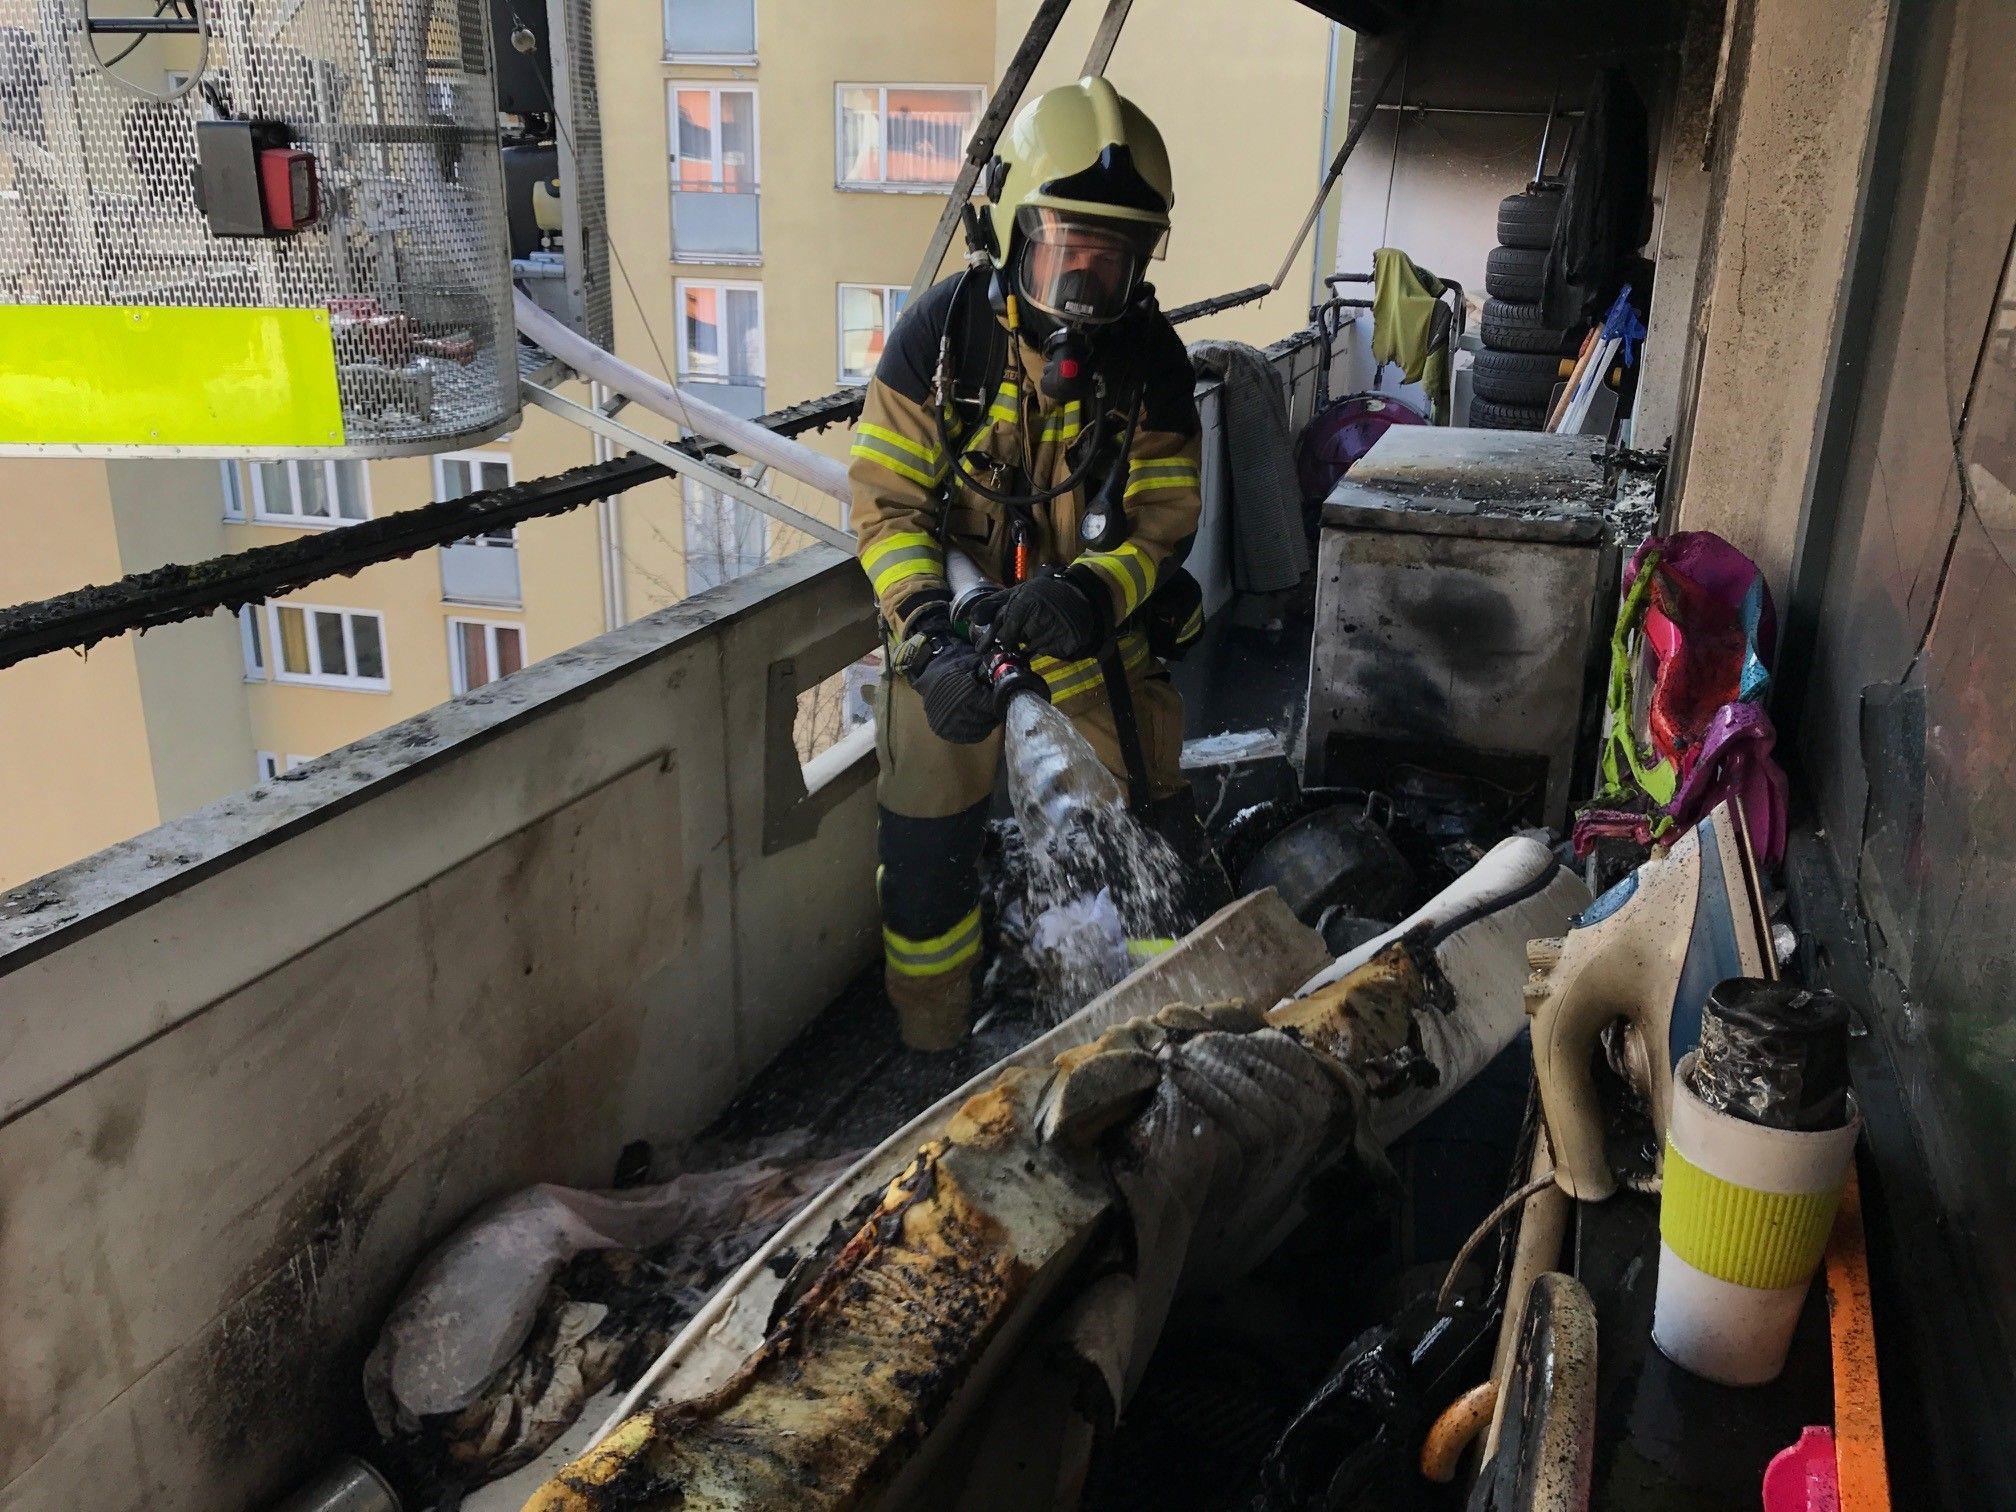 Personen wurden bei dem Brand keine verletzt.